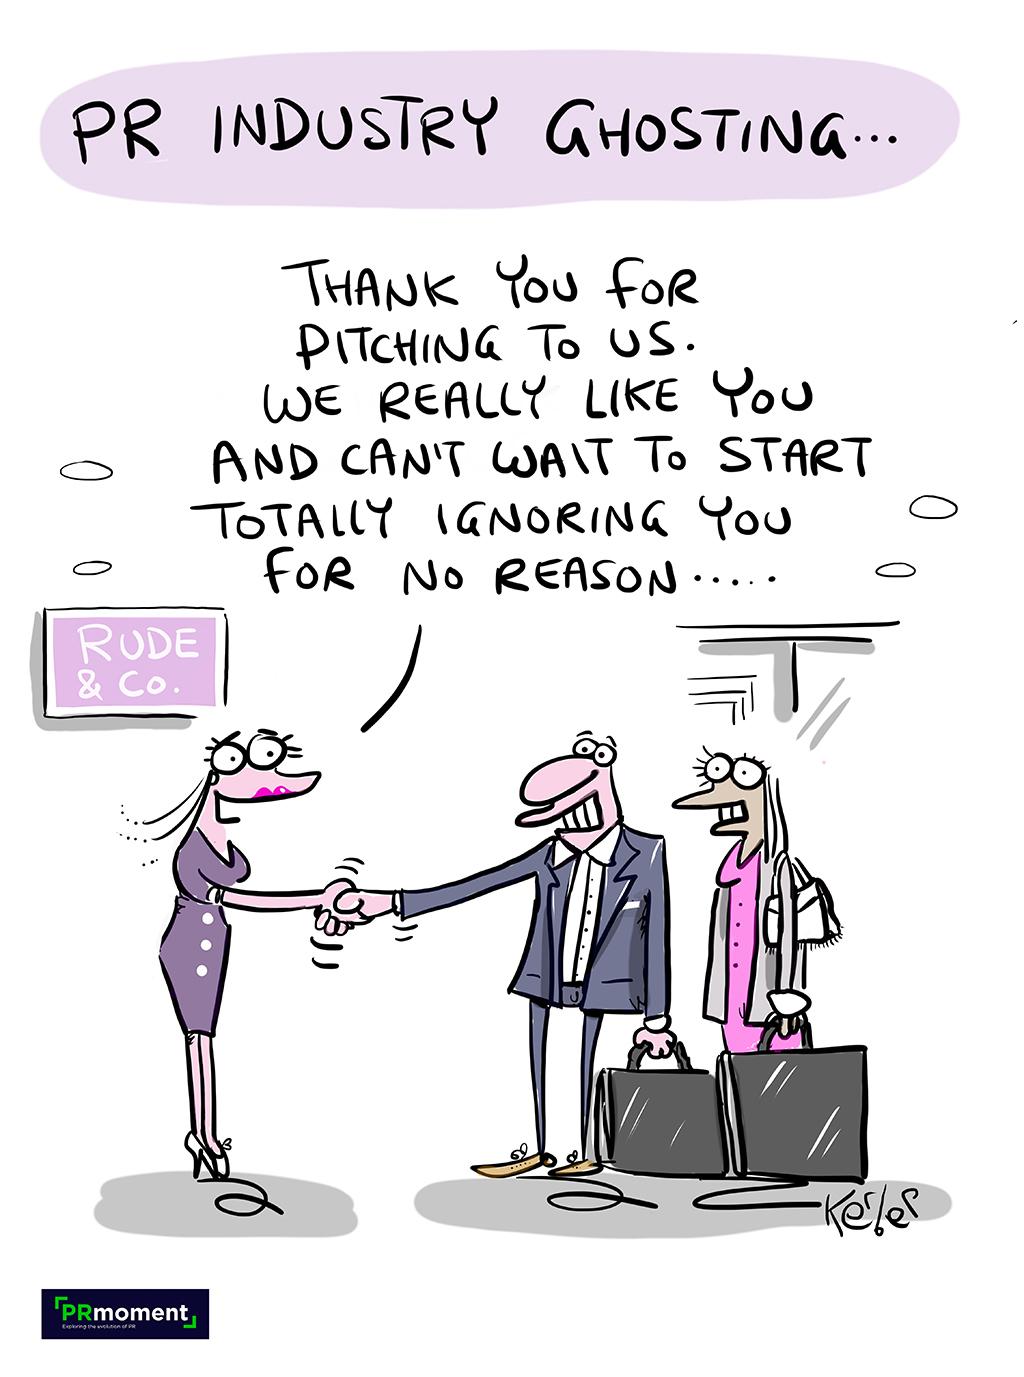 PR Industry Ghosting...